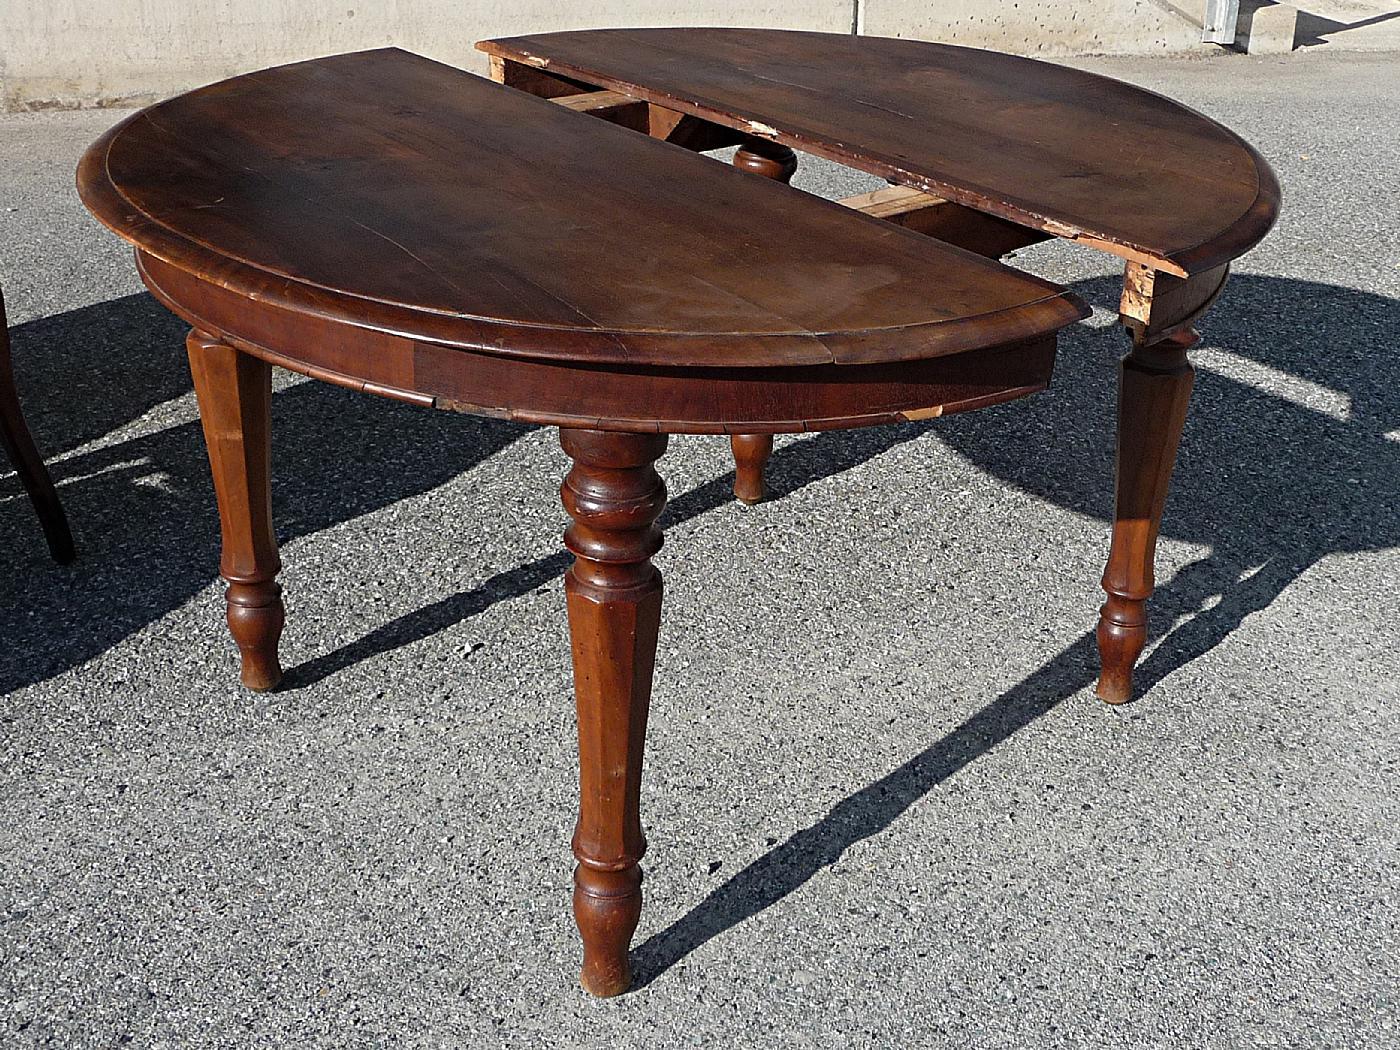 tavolo in noce | Antiquariato su Anticoantico